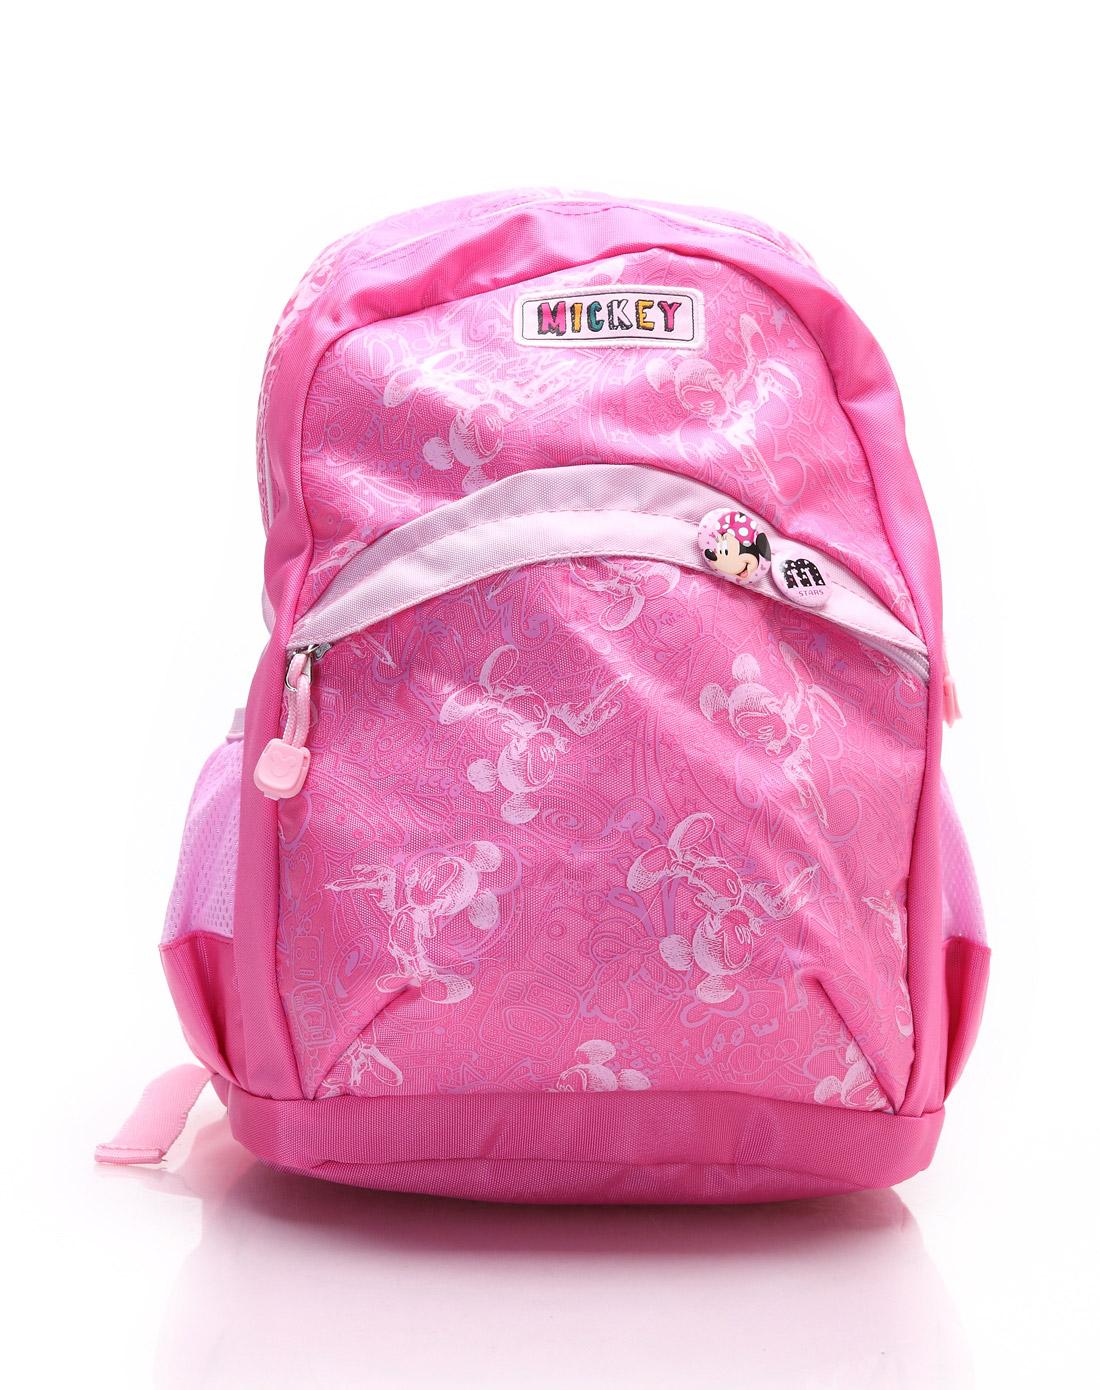 迪士尼disney文具专场女童粉红休闲背包gm0470012